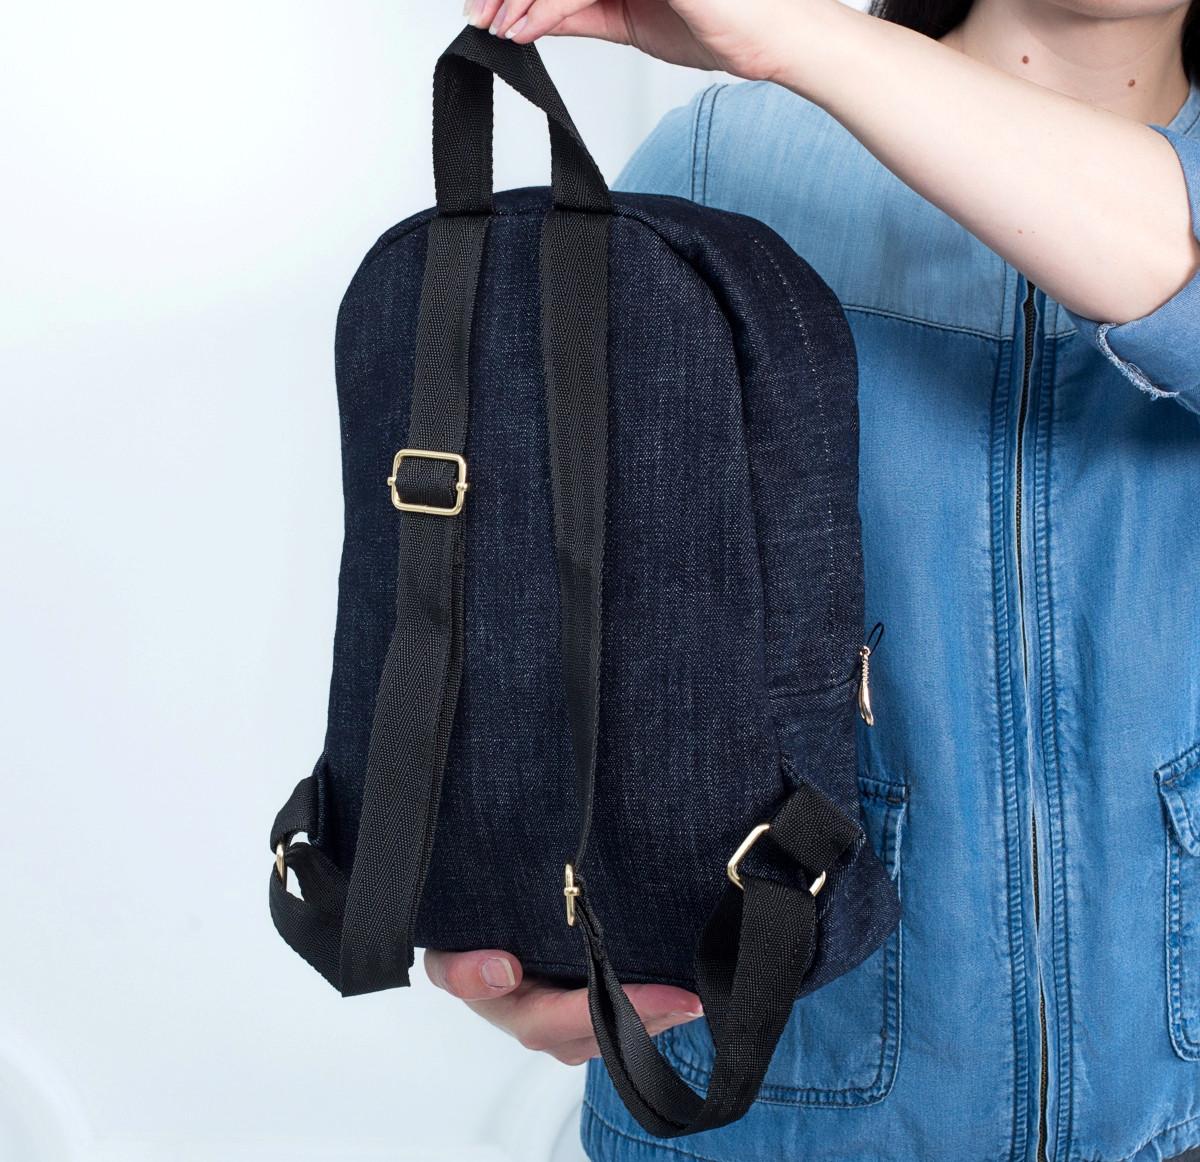 Стильный женский джинсовый рюкзак Mayers, темно-синий, фото 2